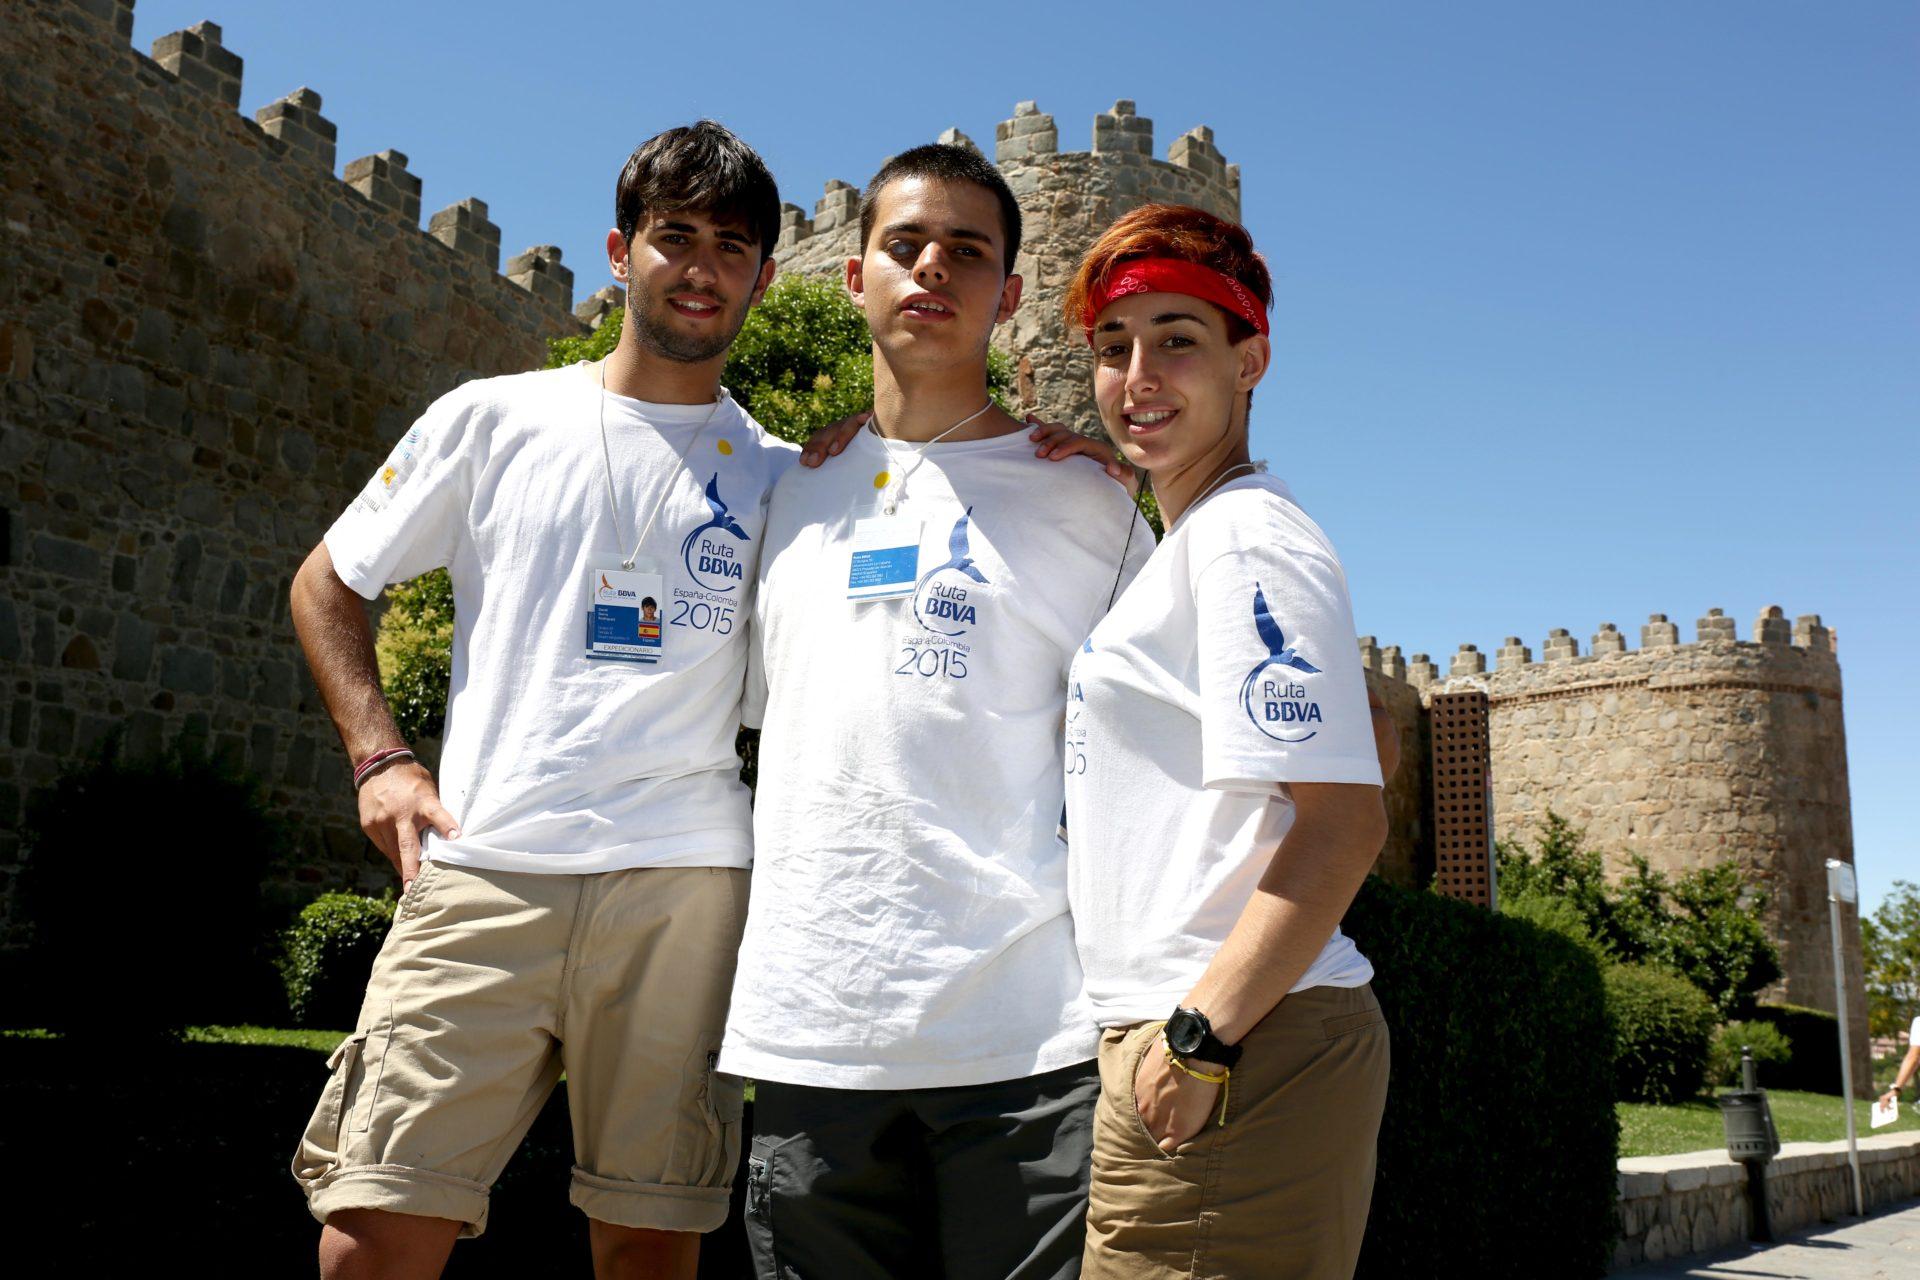 Fotografía: David, Adrián y Sara de Ruta BBVA 2015 delante de la muralla de Ávila